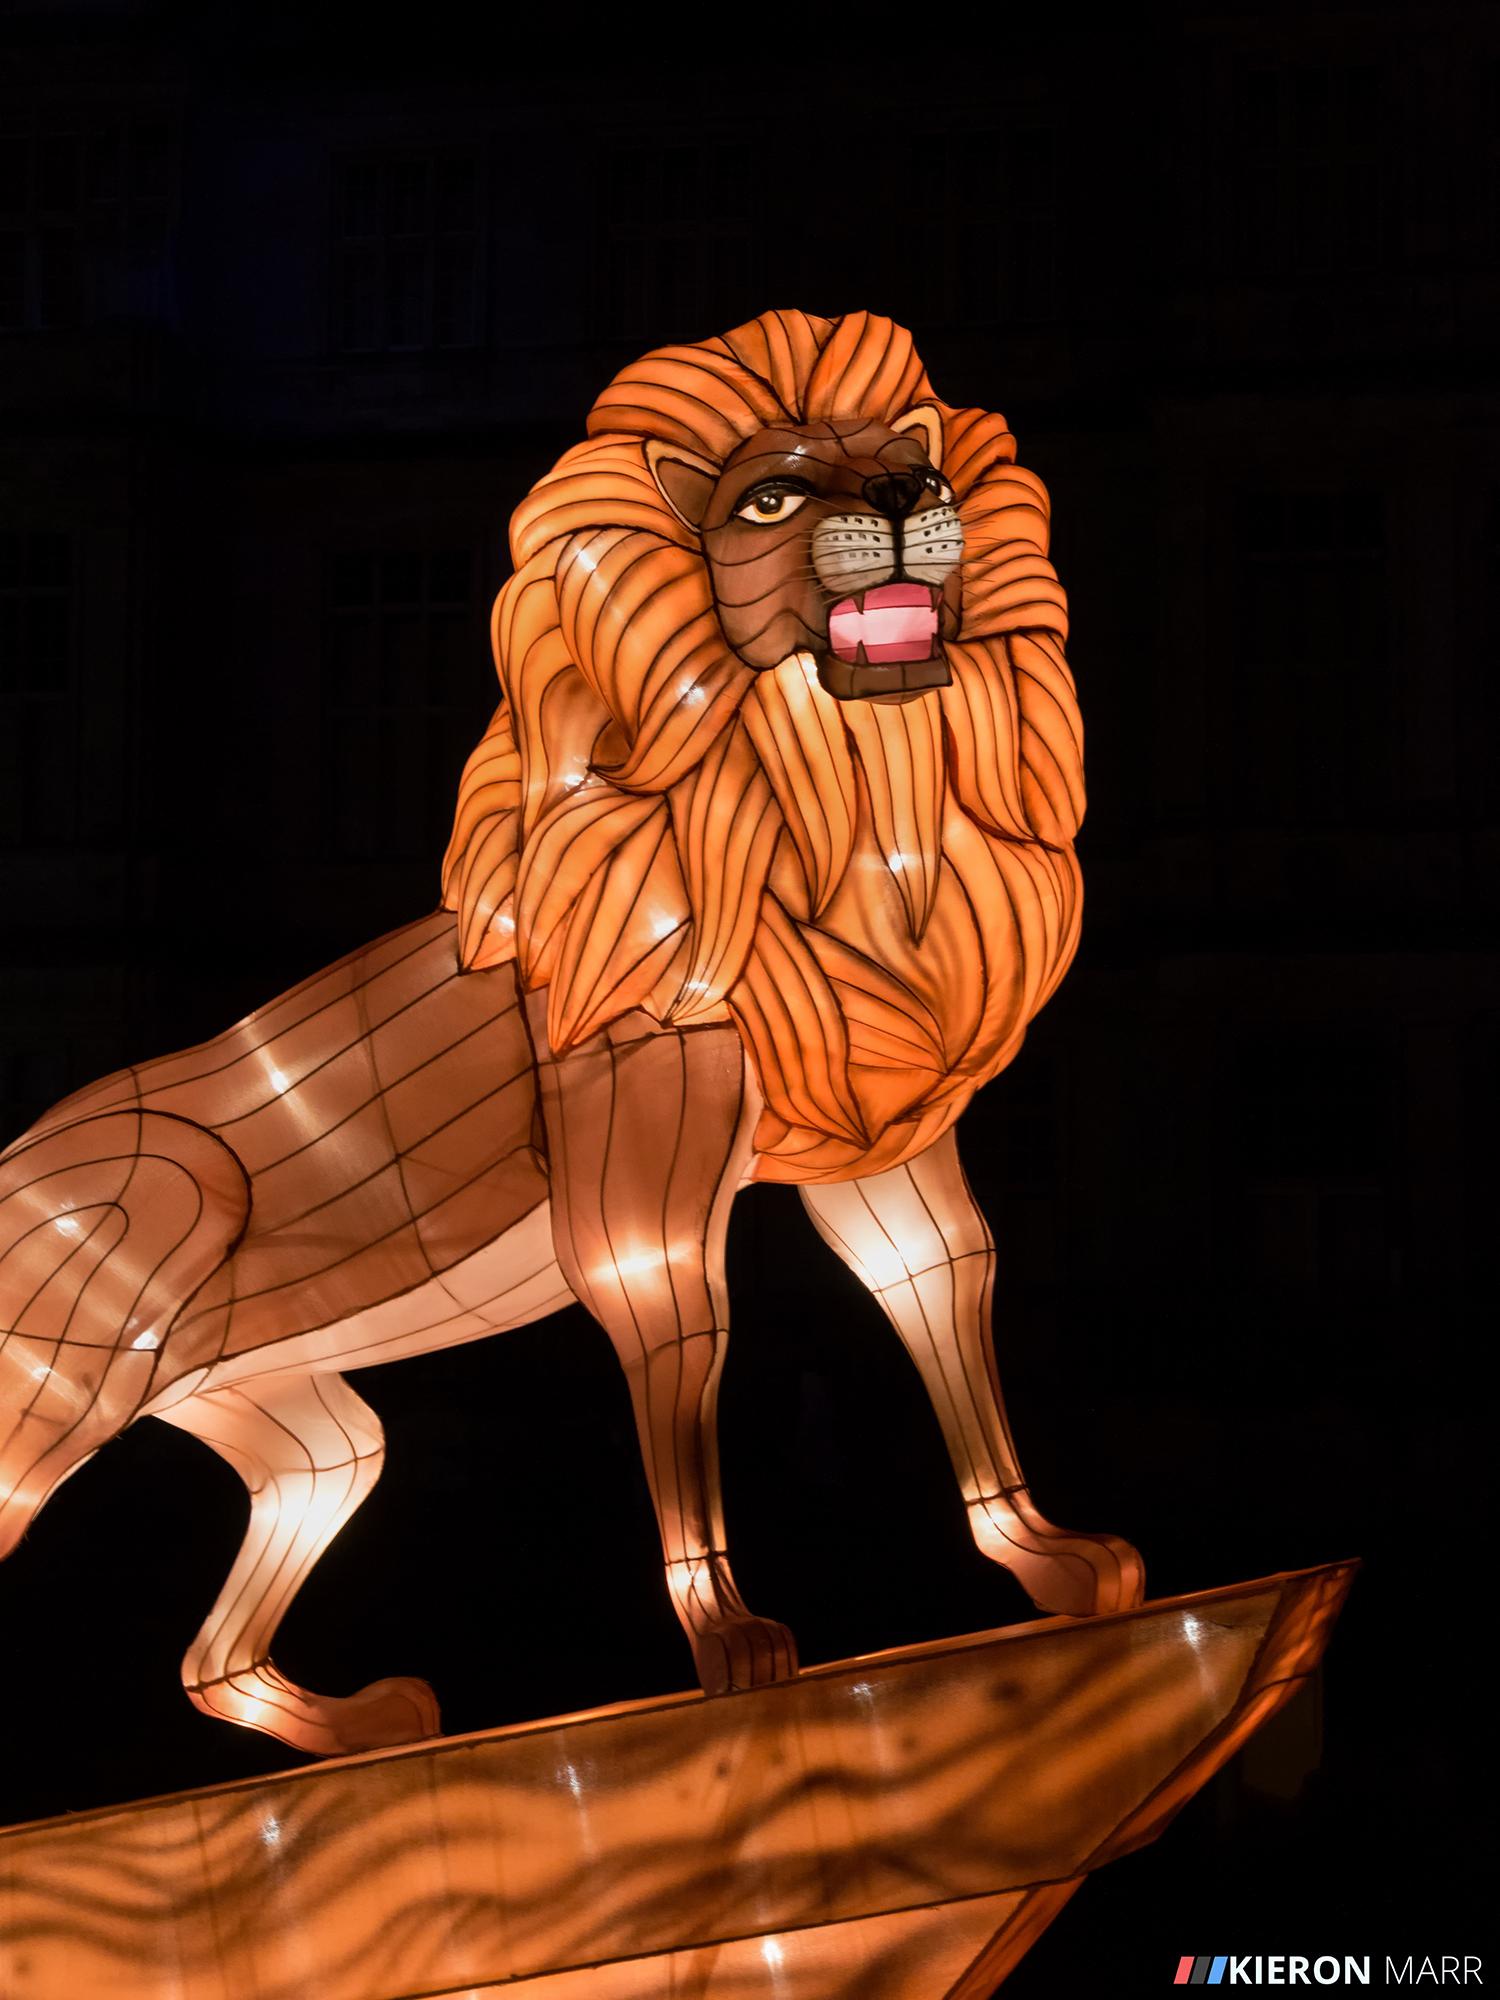 Longleat Festival of Light 2014 - Lion